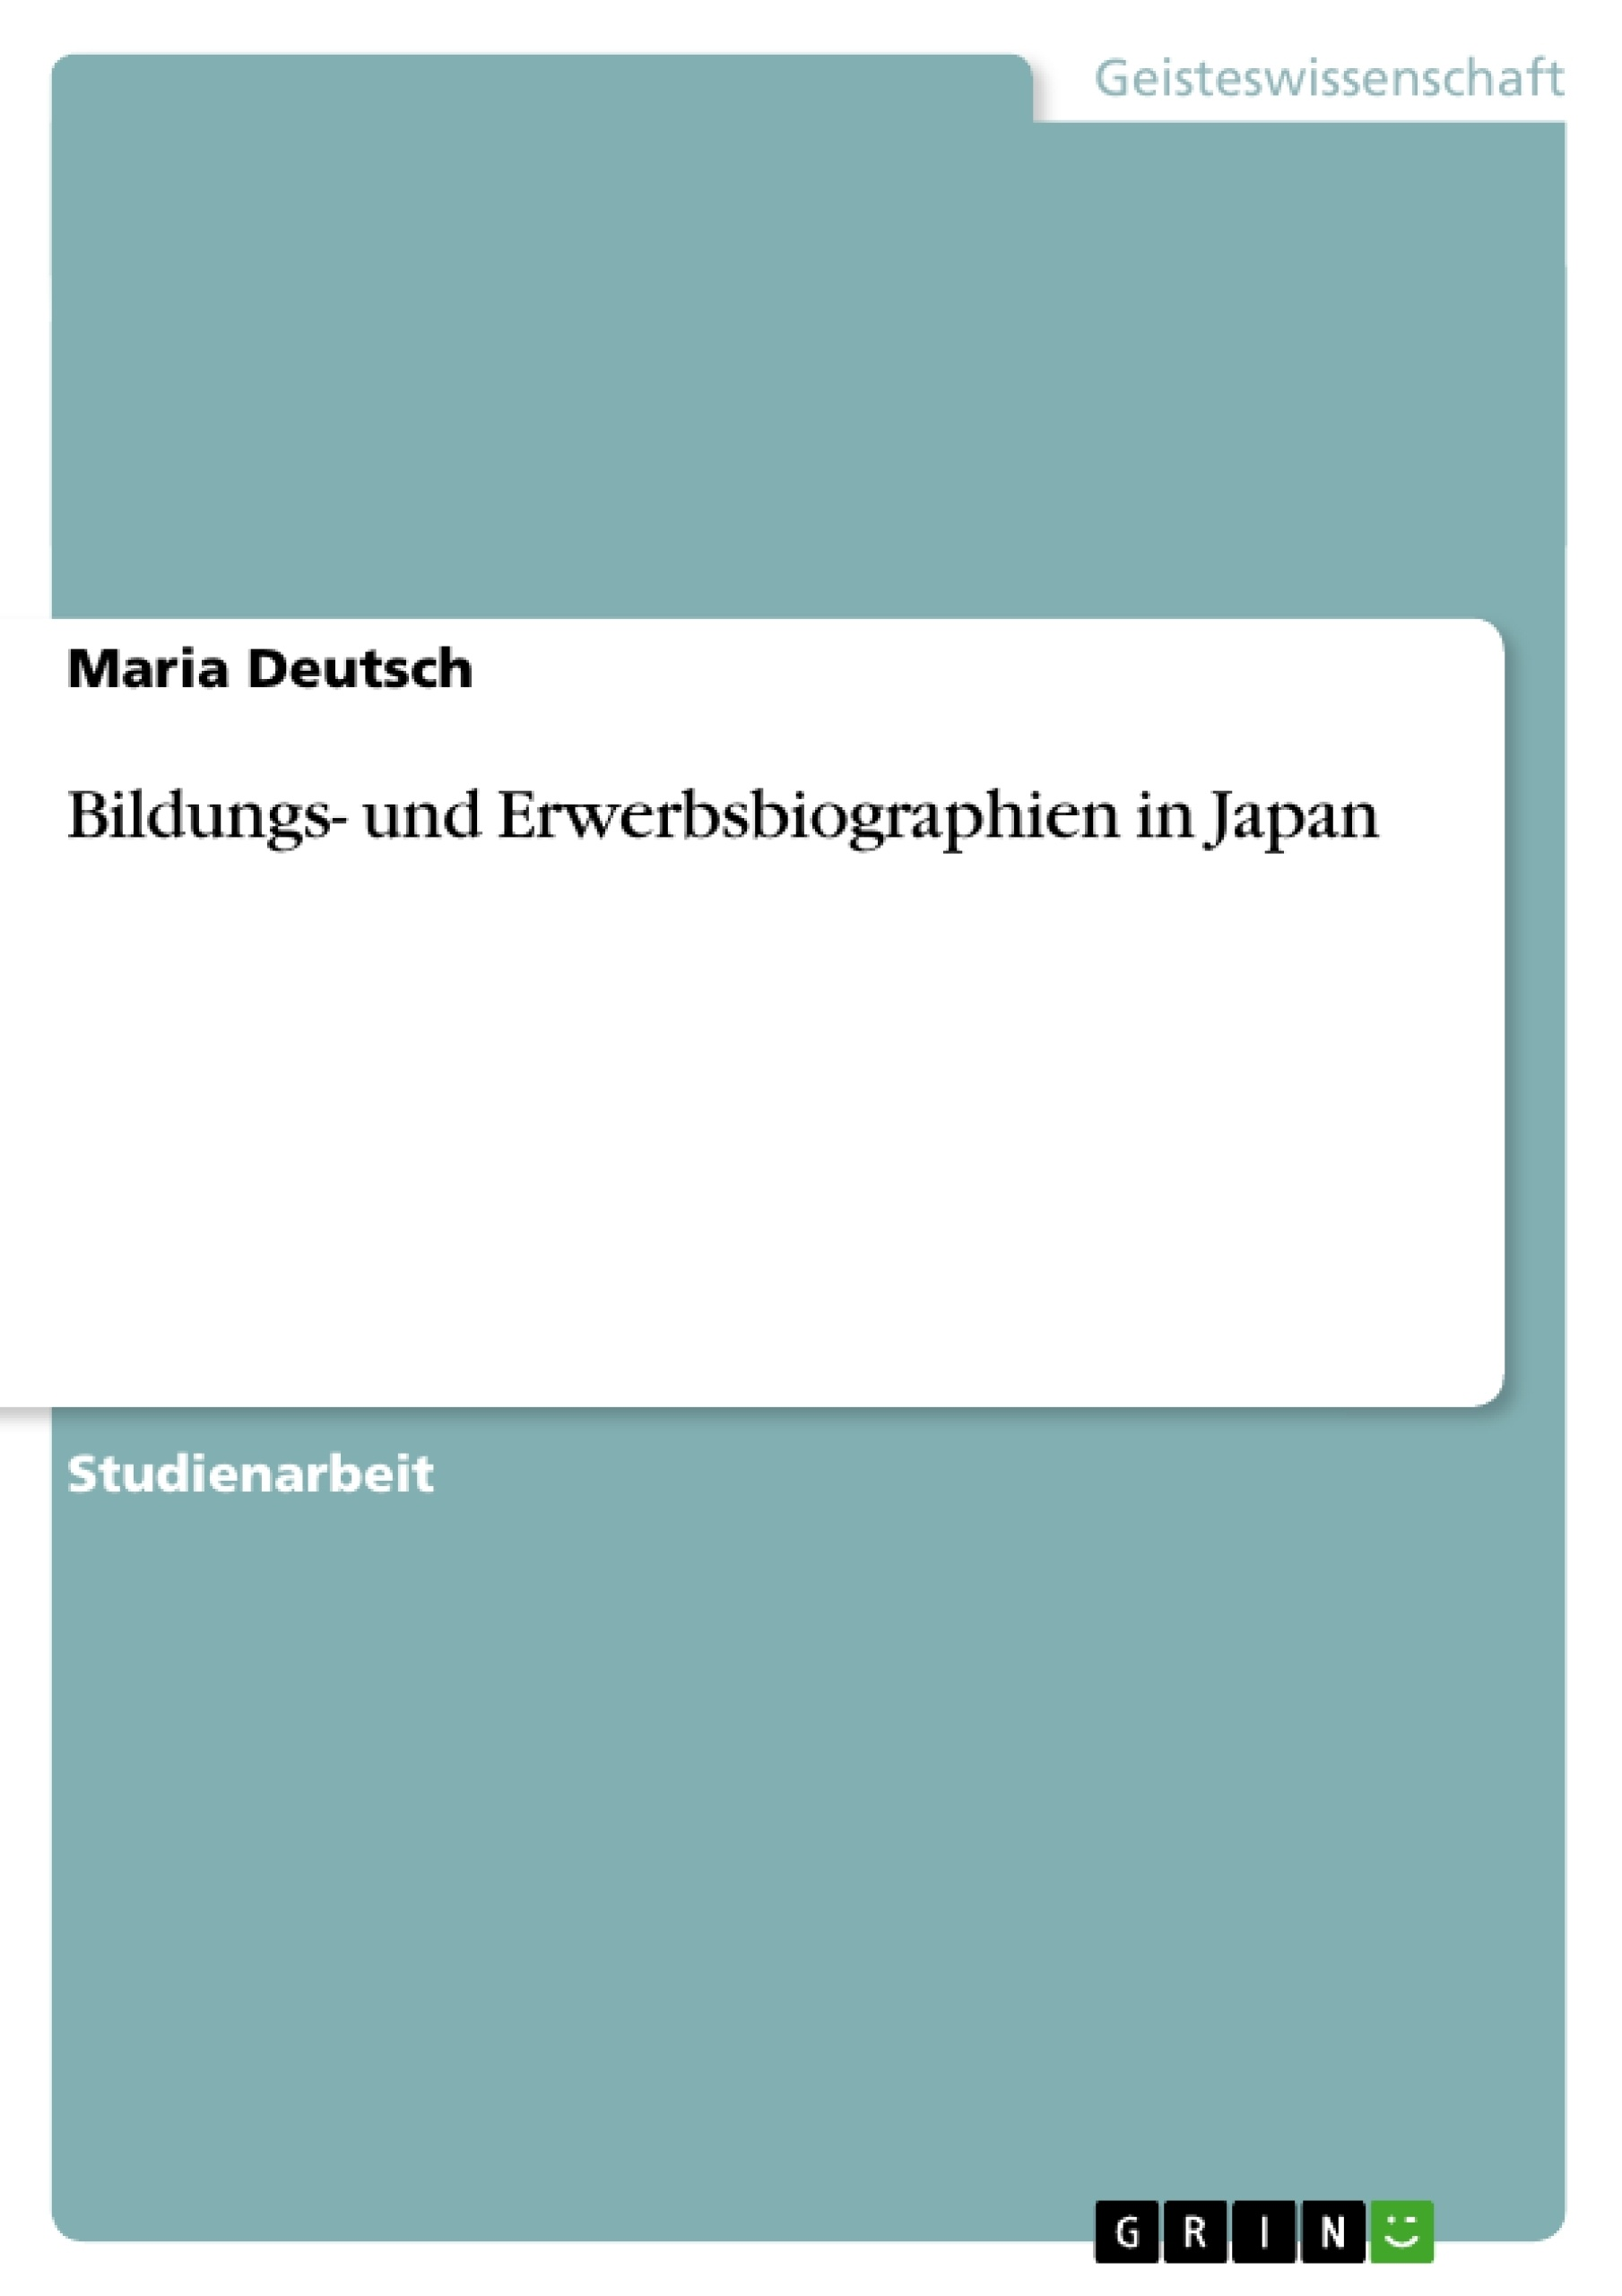 Titel: Bildungs- und Erwerbsbiographien in Japan